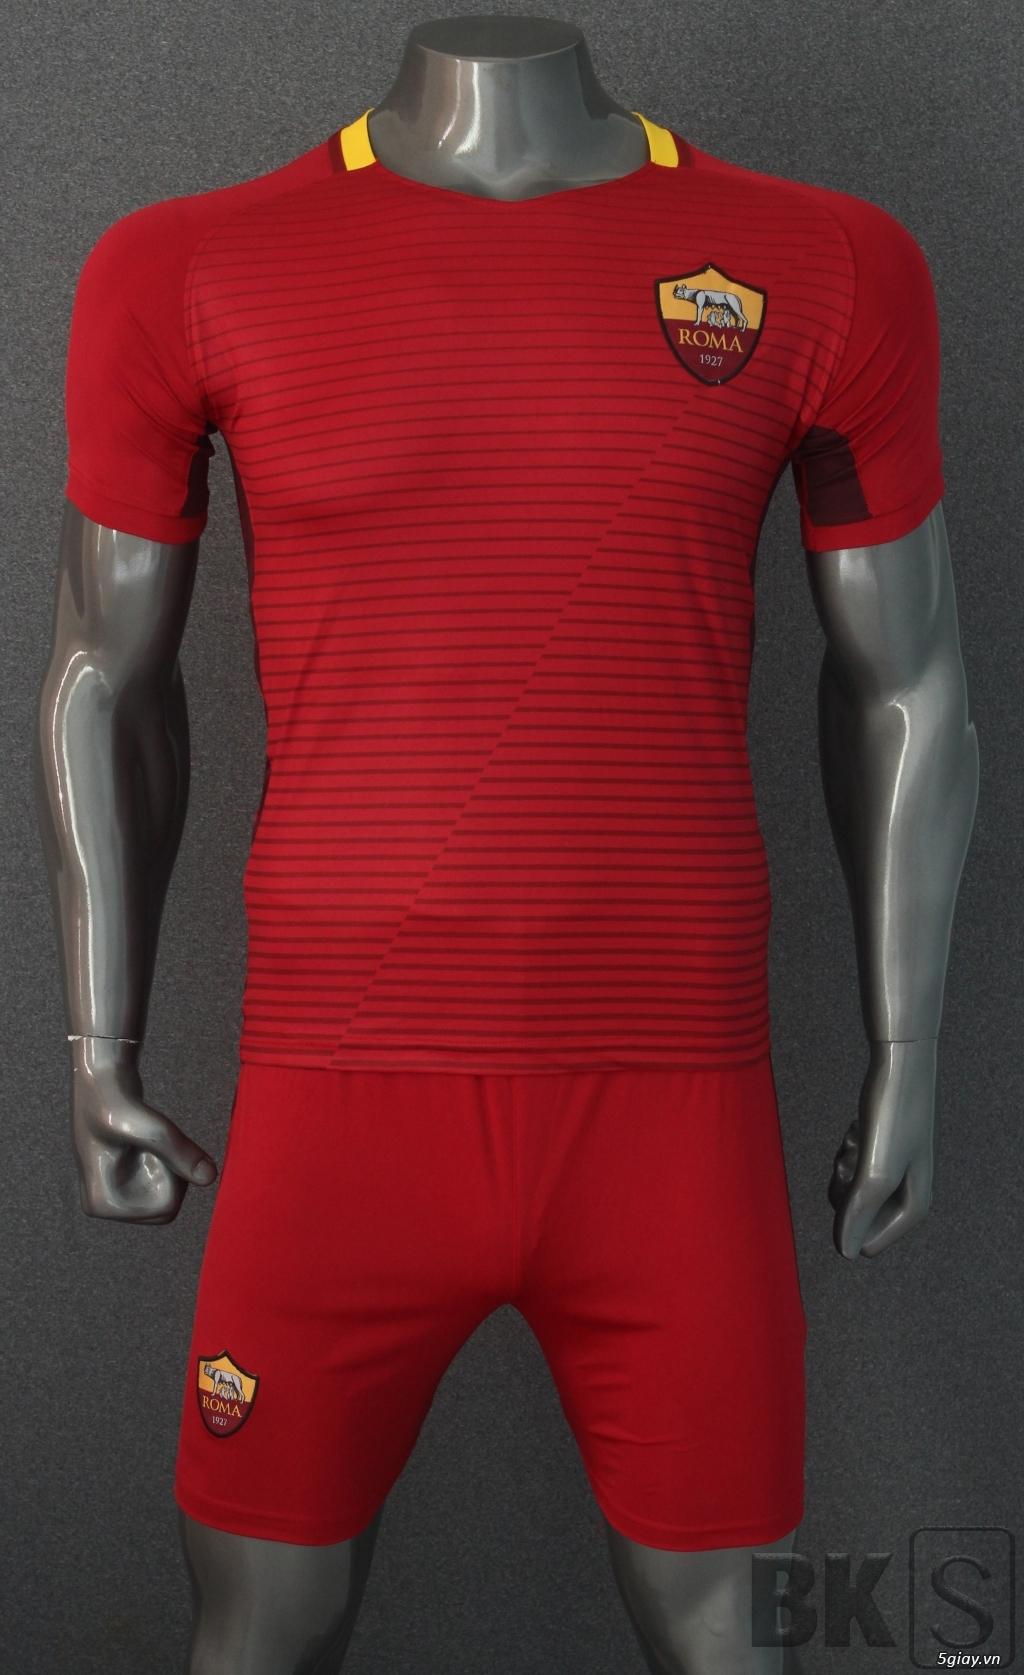 Áo bóng đá HP-địa chỉ gốc sản xuất trang phục thể thao số 1 Việt Nam - 1